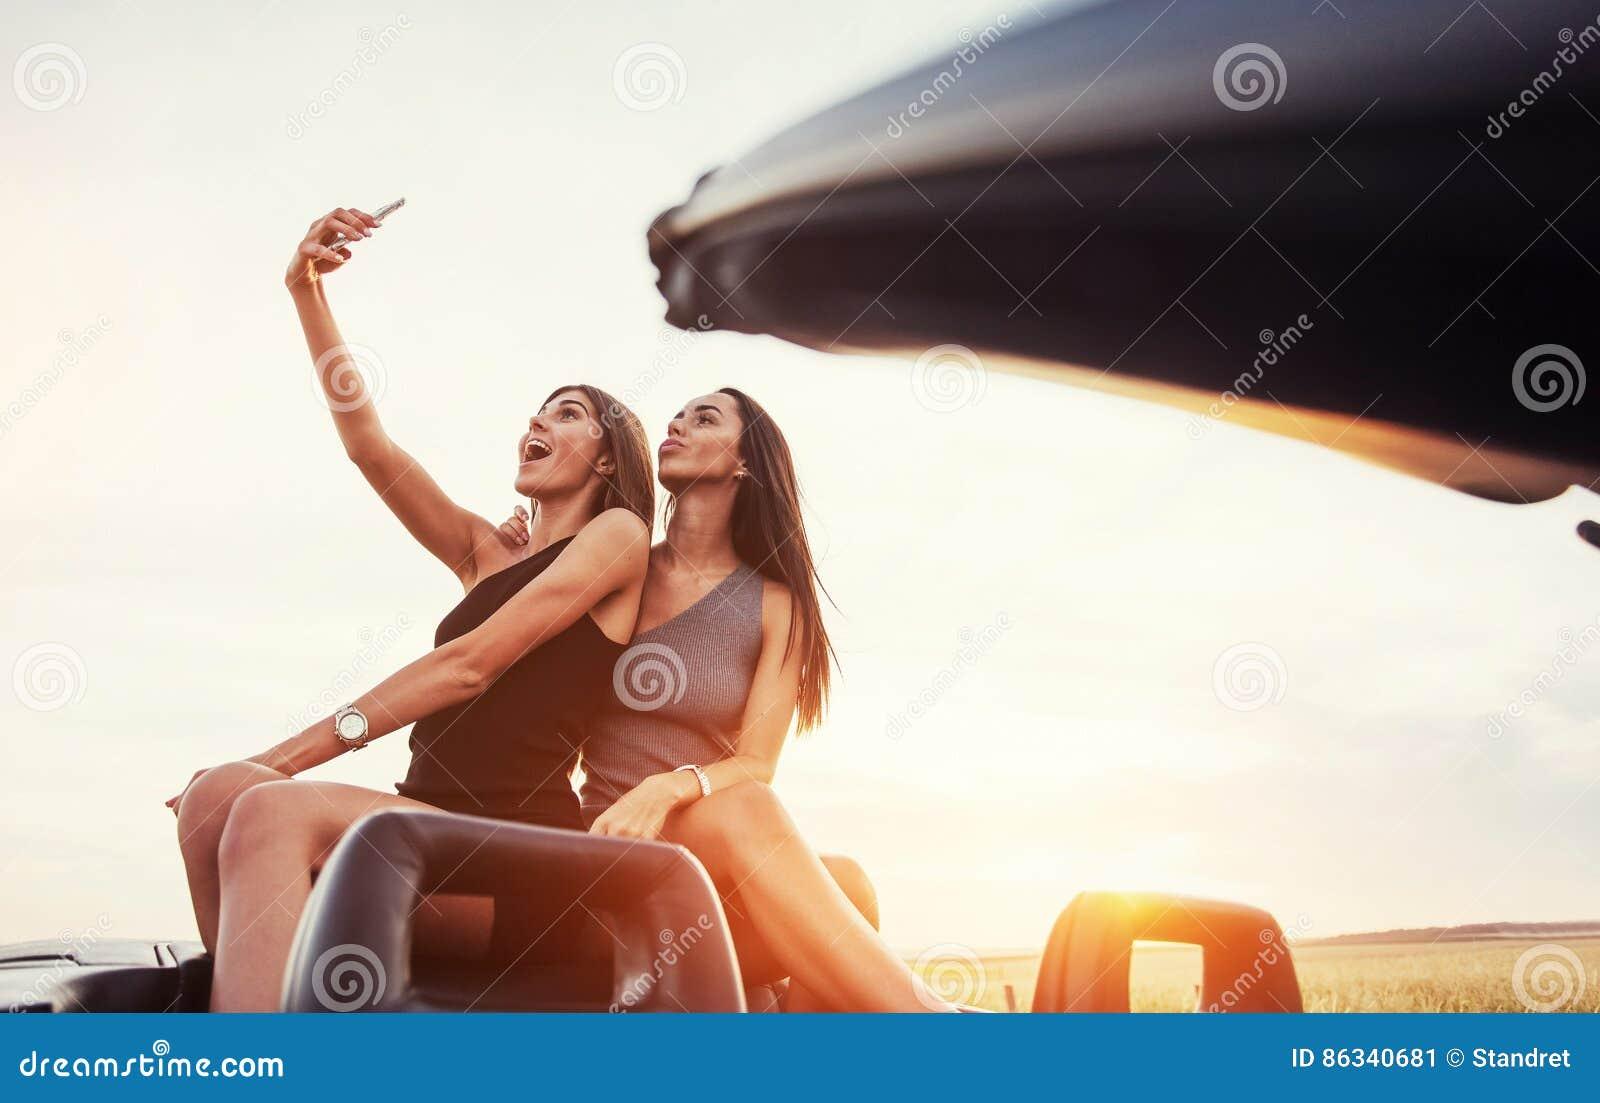 Jeunes deux femmes à une séance photos Filles posant heureusement